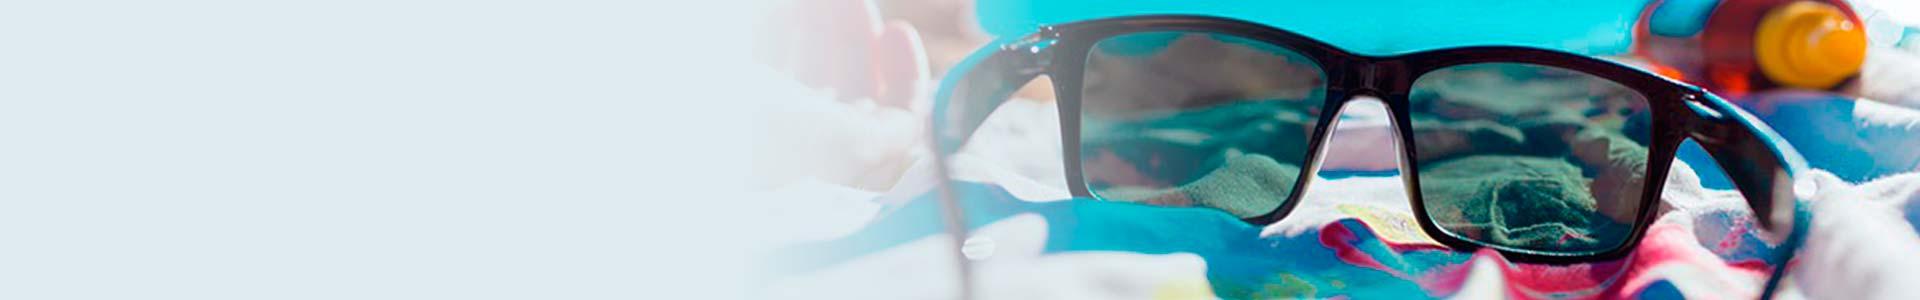 gafas de sol con lentes graduadas